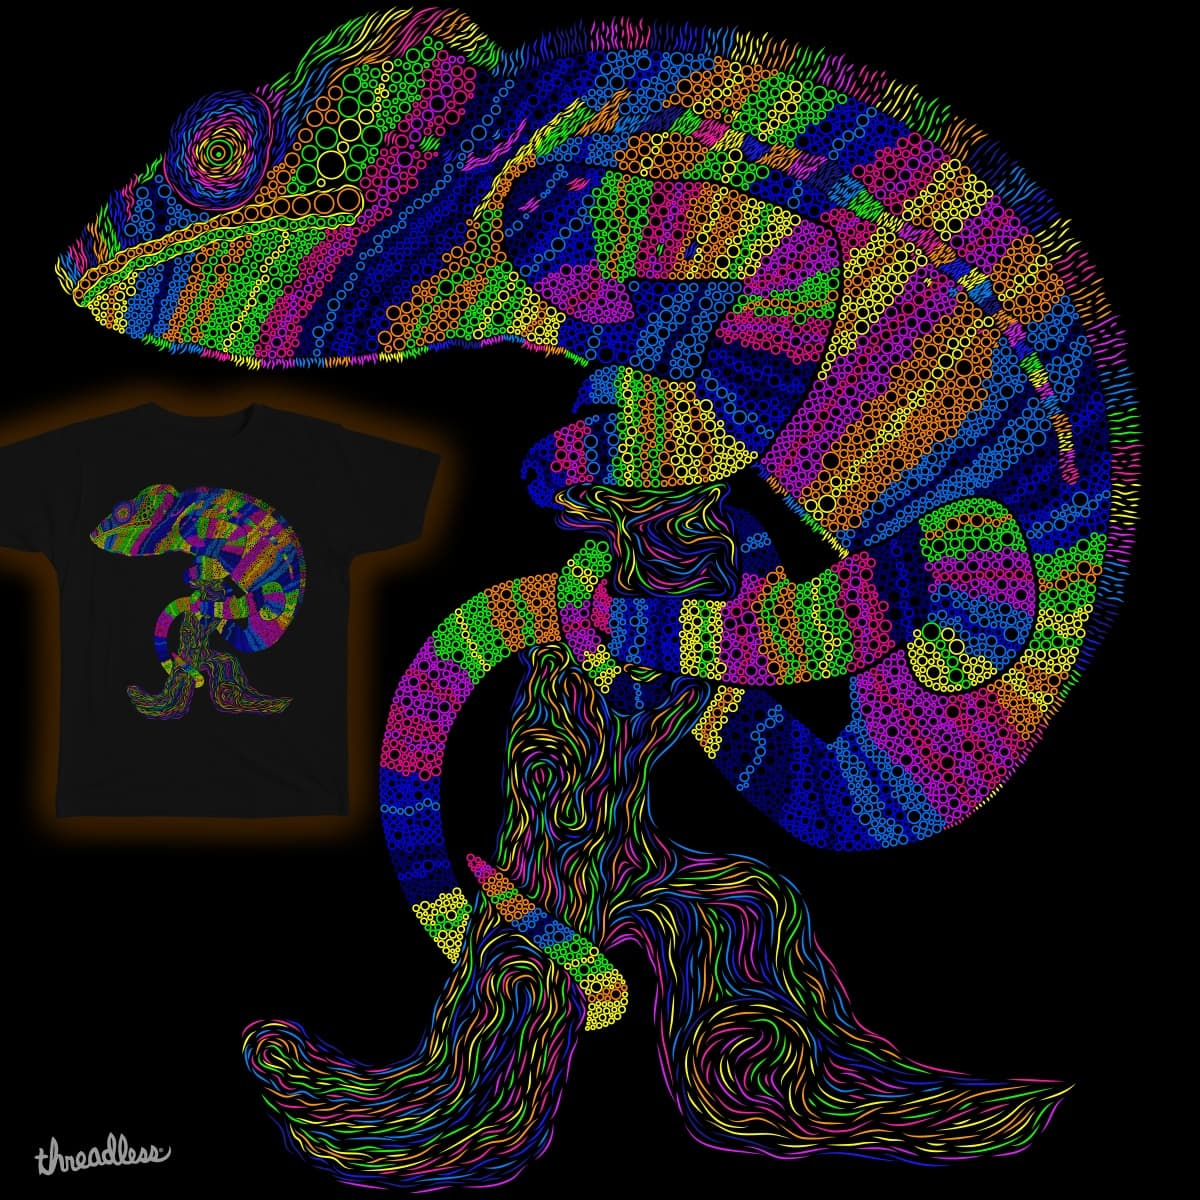 Chameleon by TrasherUA on Threadless